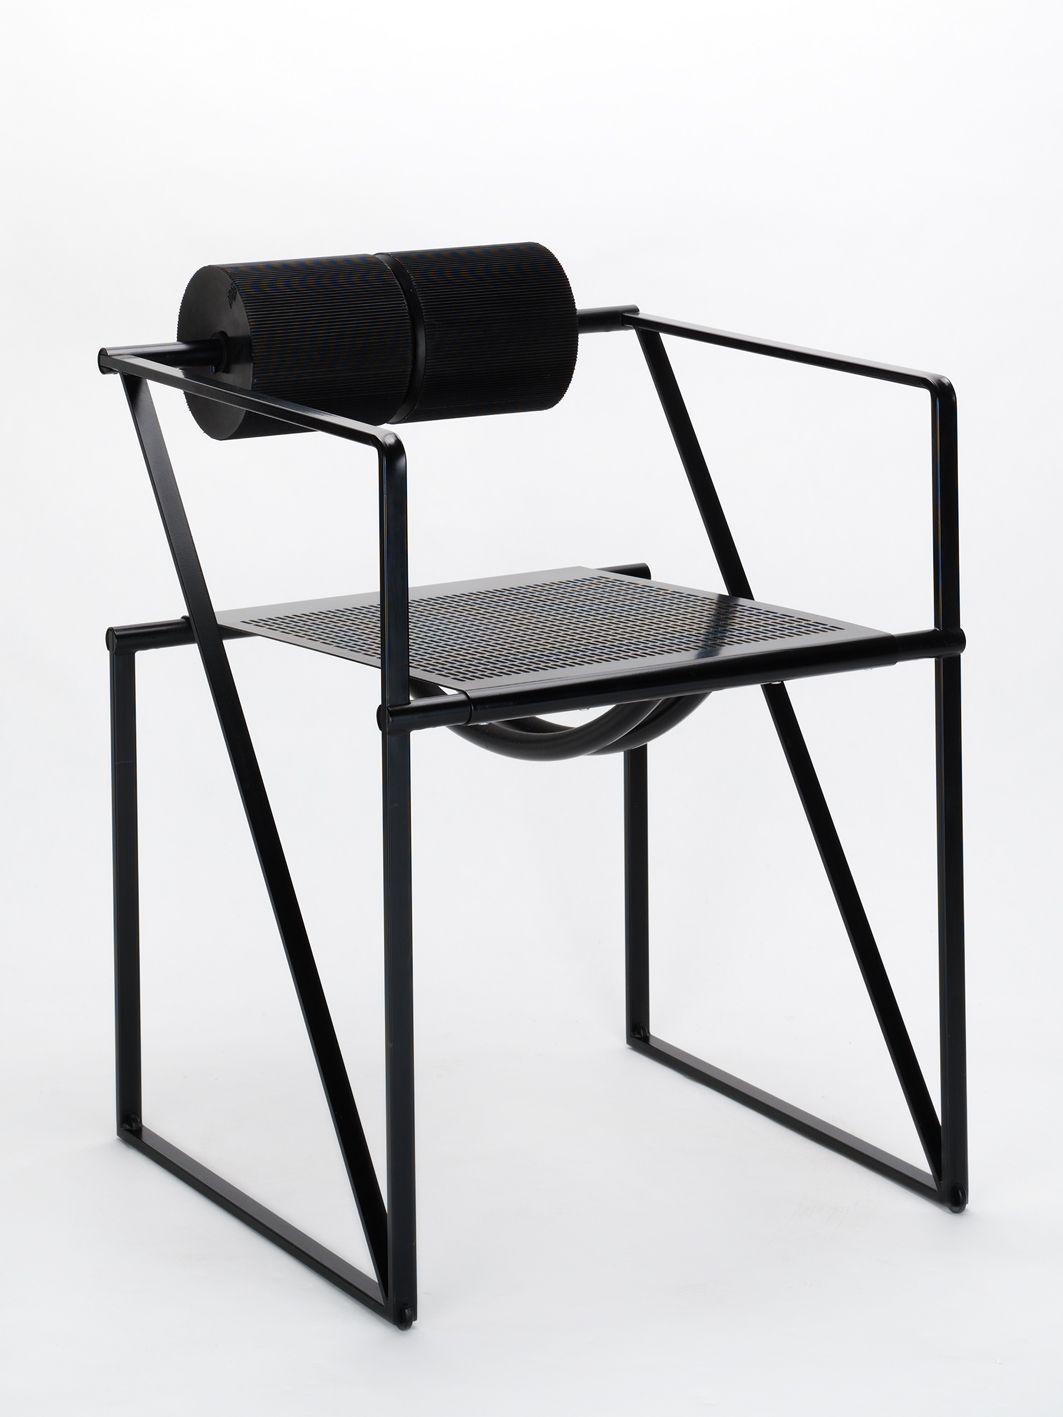 sammlung loeffler collection chairs pinterest m bel st hle und sessel. Black Bedroom Furniture Sets. Home Design Ideas